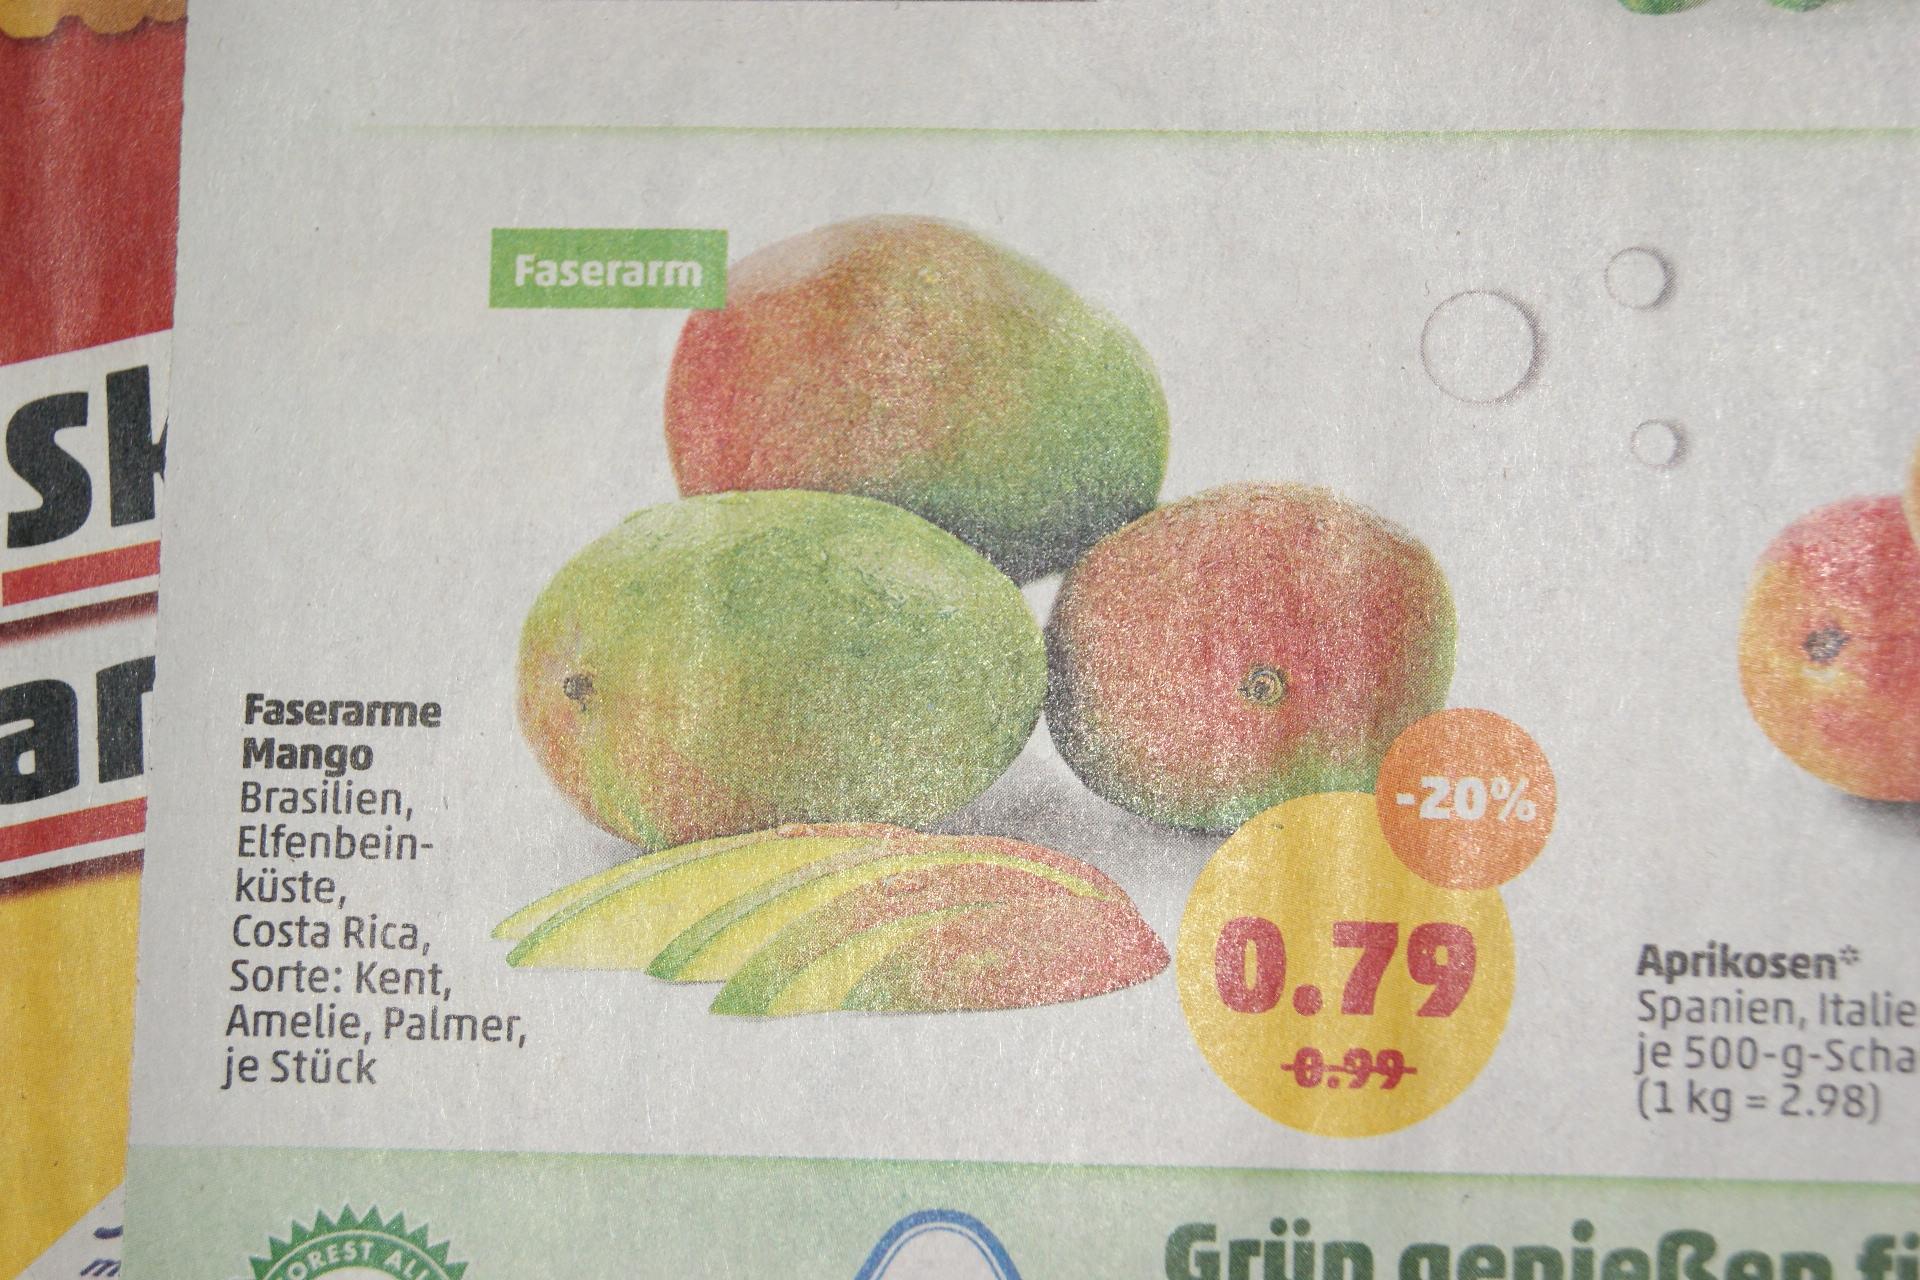 faserarme Mango bei Penny bundesweit für 79 Cent ab 13.5.